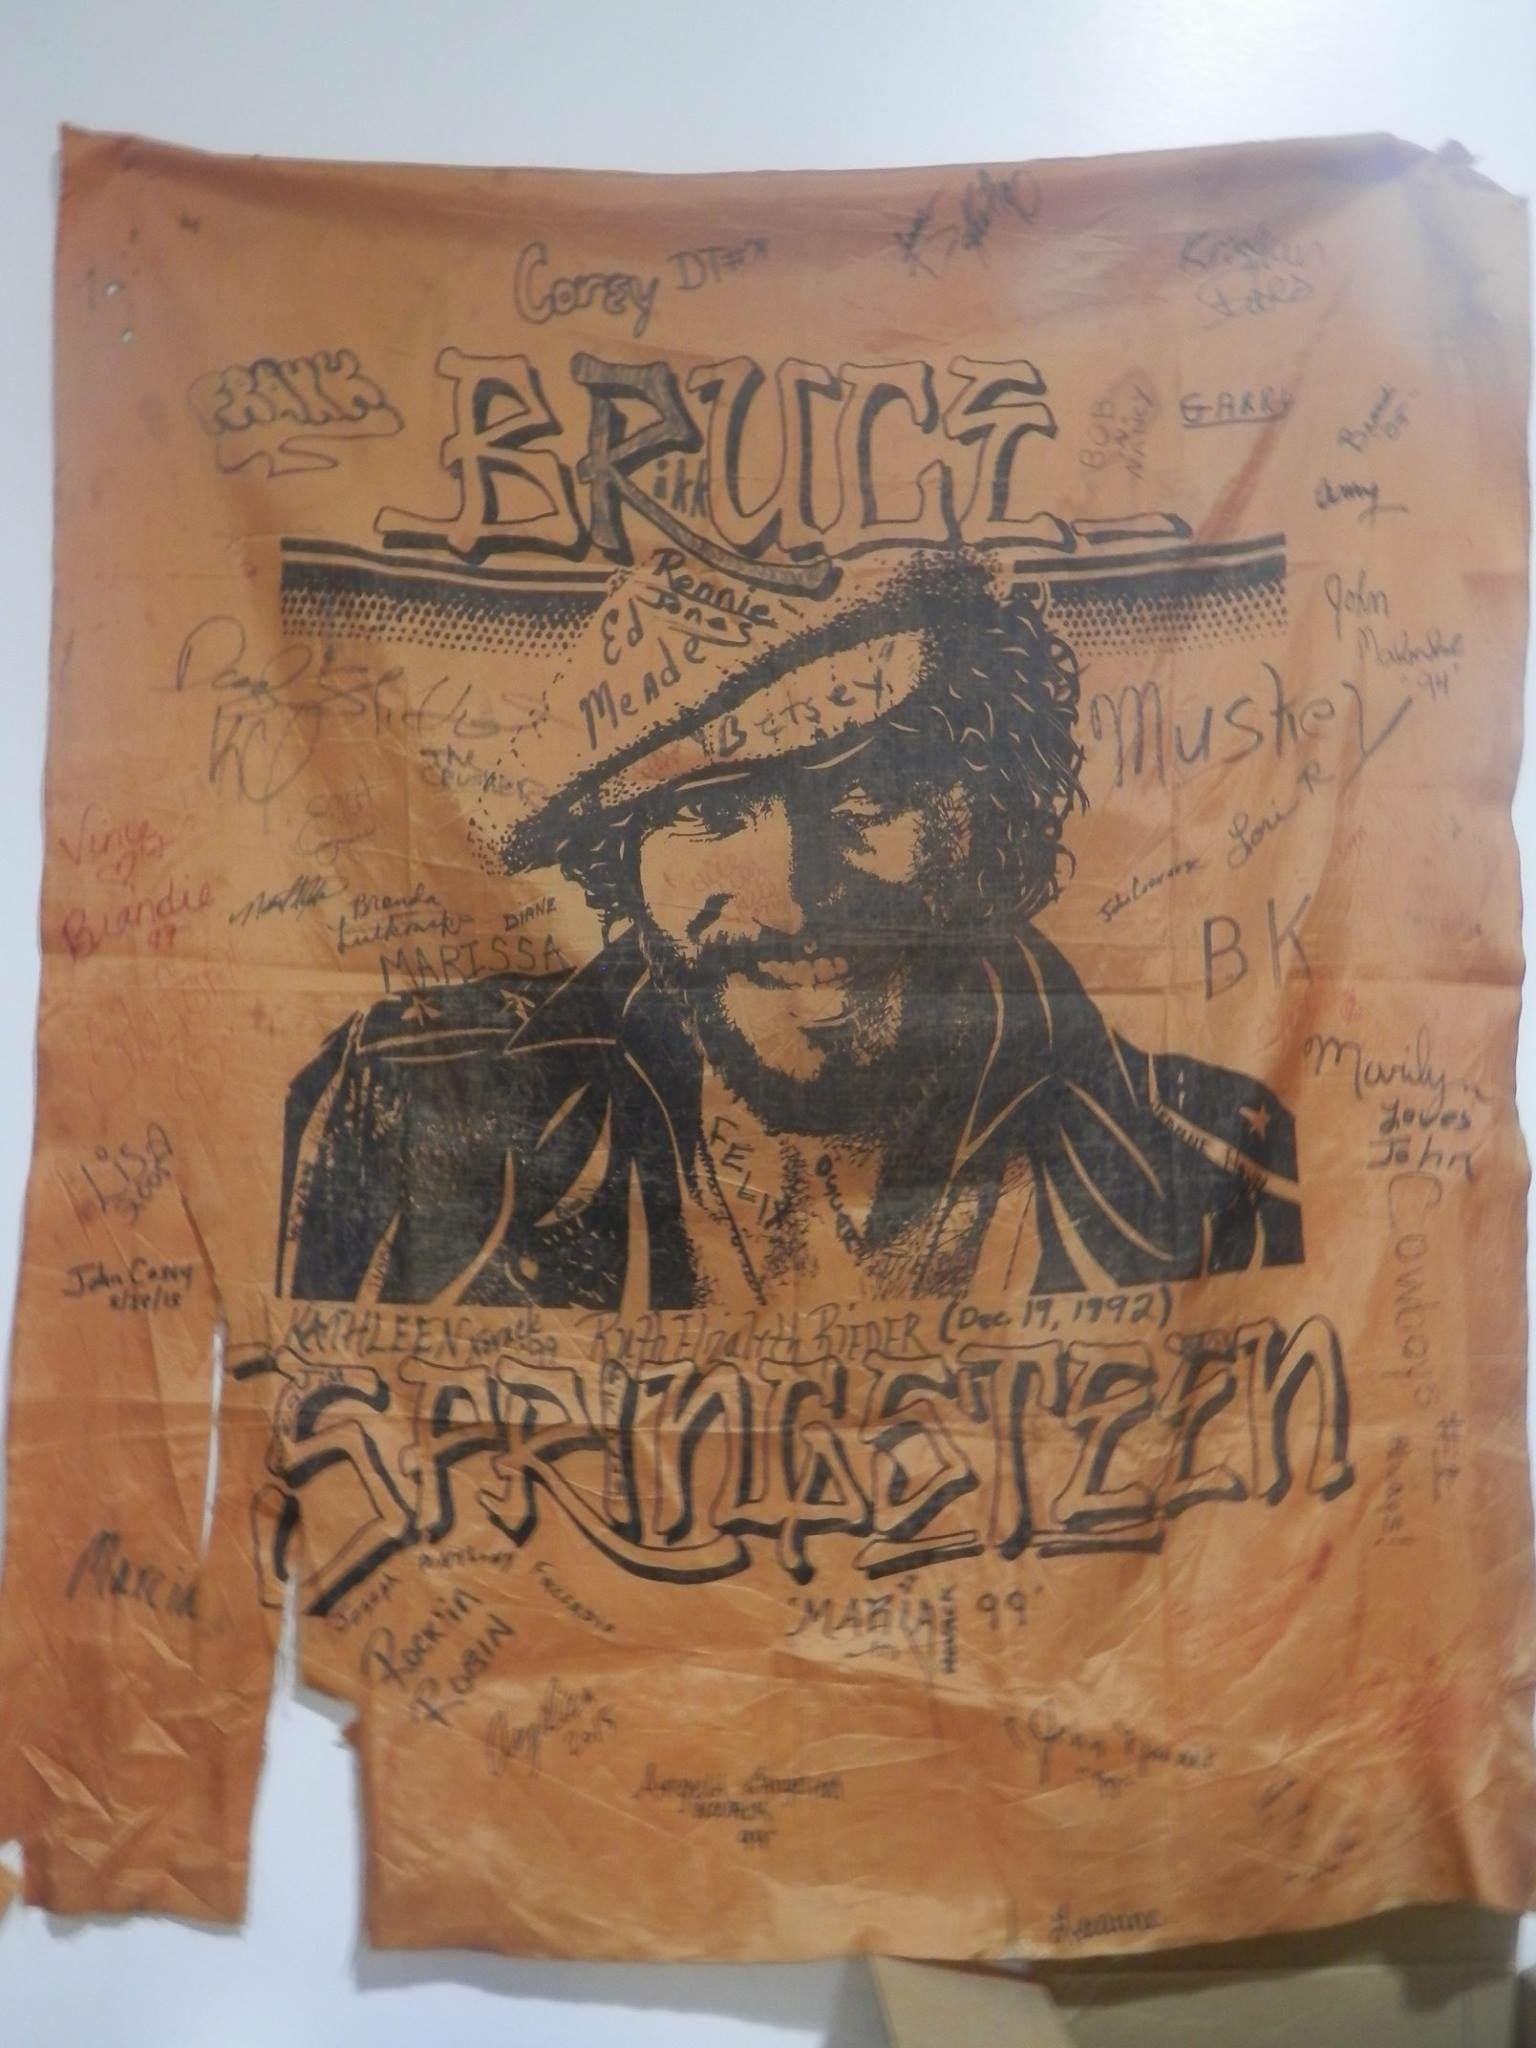 Bruce Springsteen @DanFrench